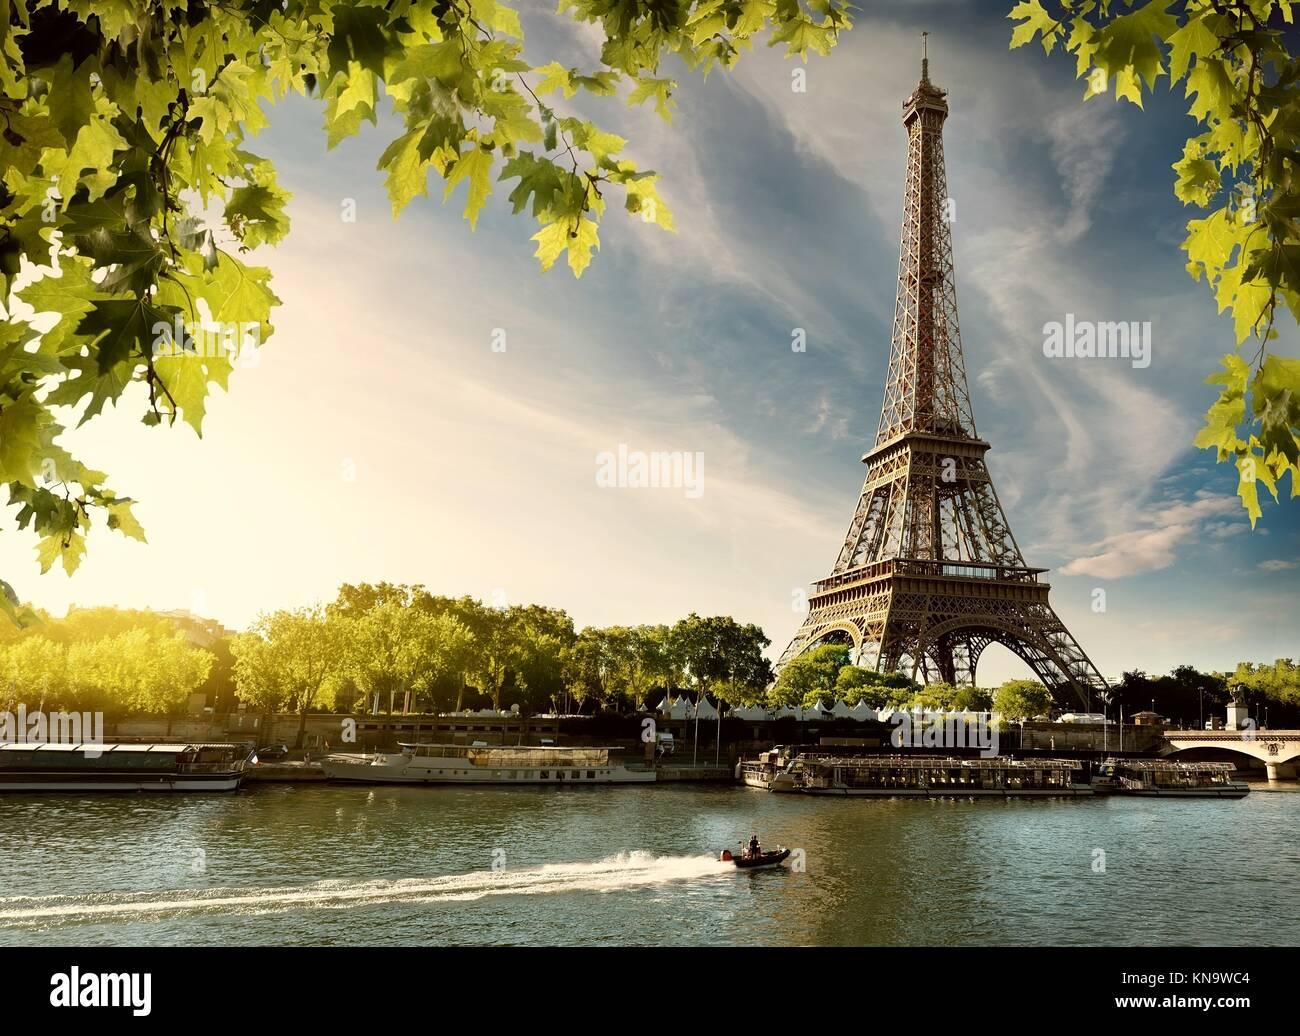 Tramonto su Parigi con la vista sulla Torre Eiffel e al fiume Senna, Francia. Immagini Stock